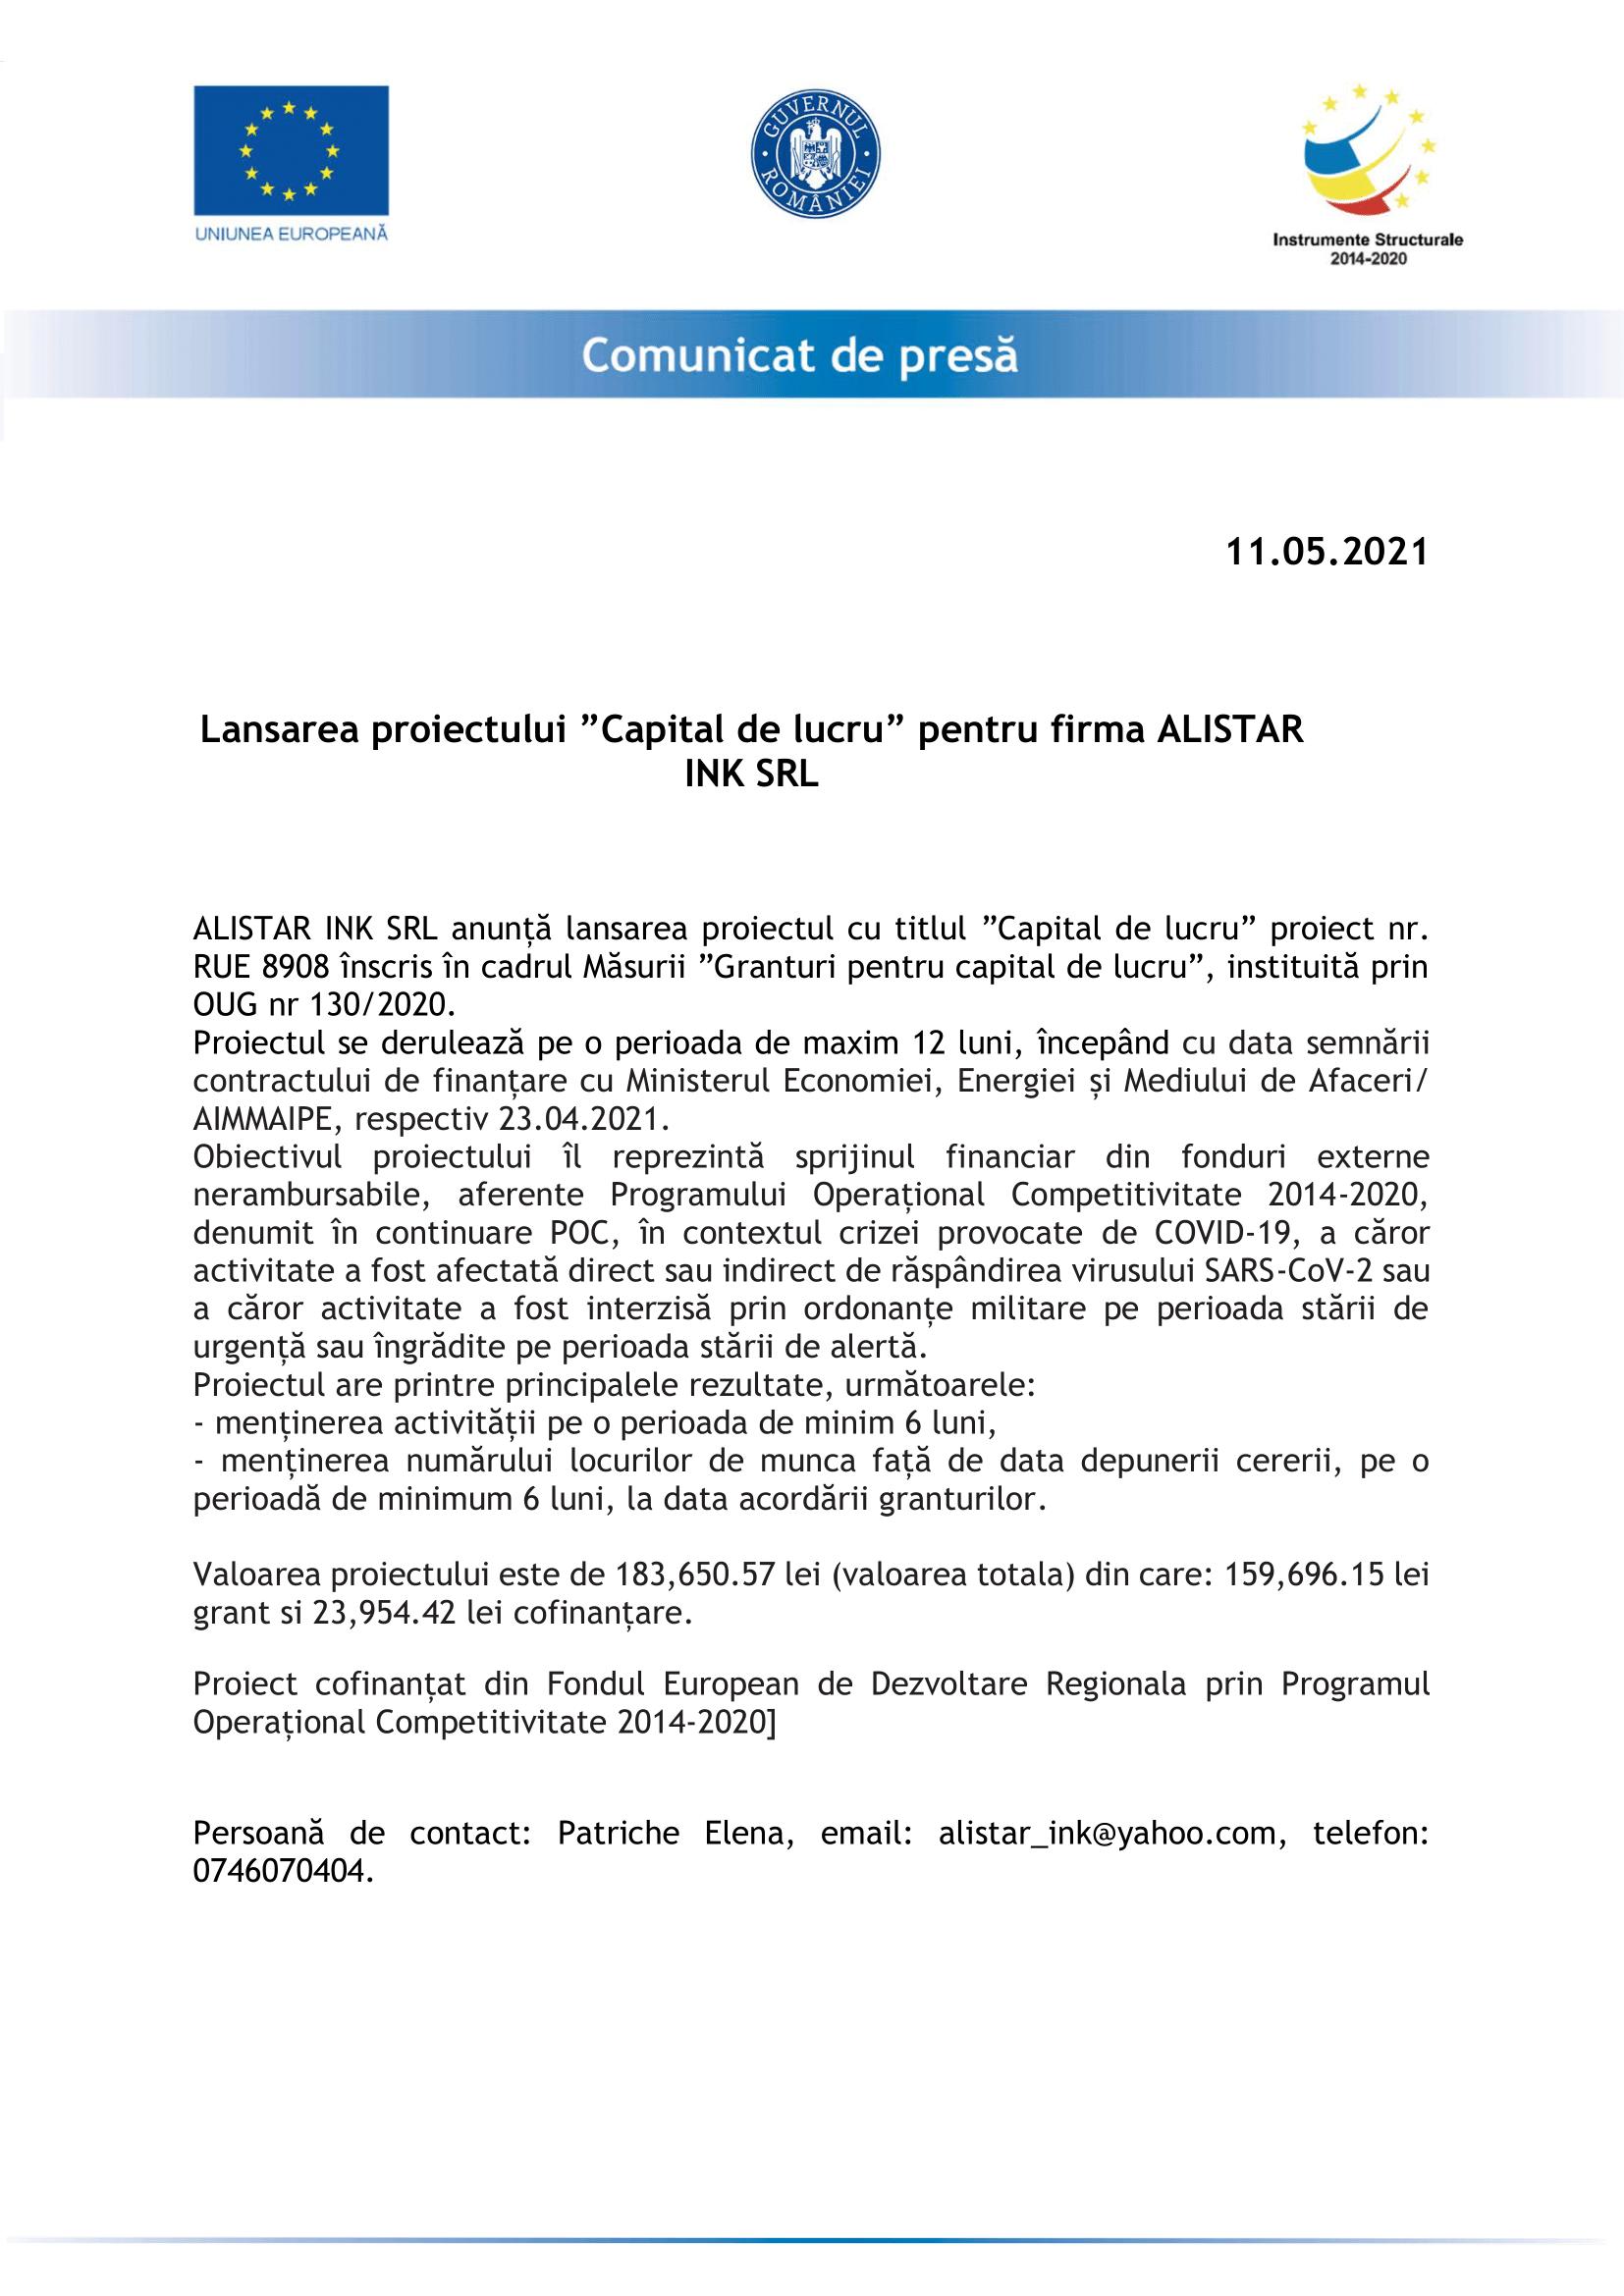 Comunicat de presa ALISTAR INK SRL-1